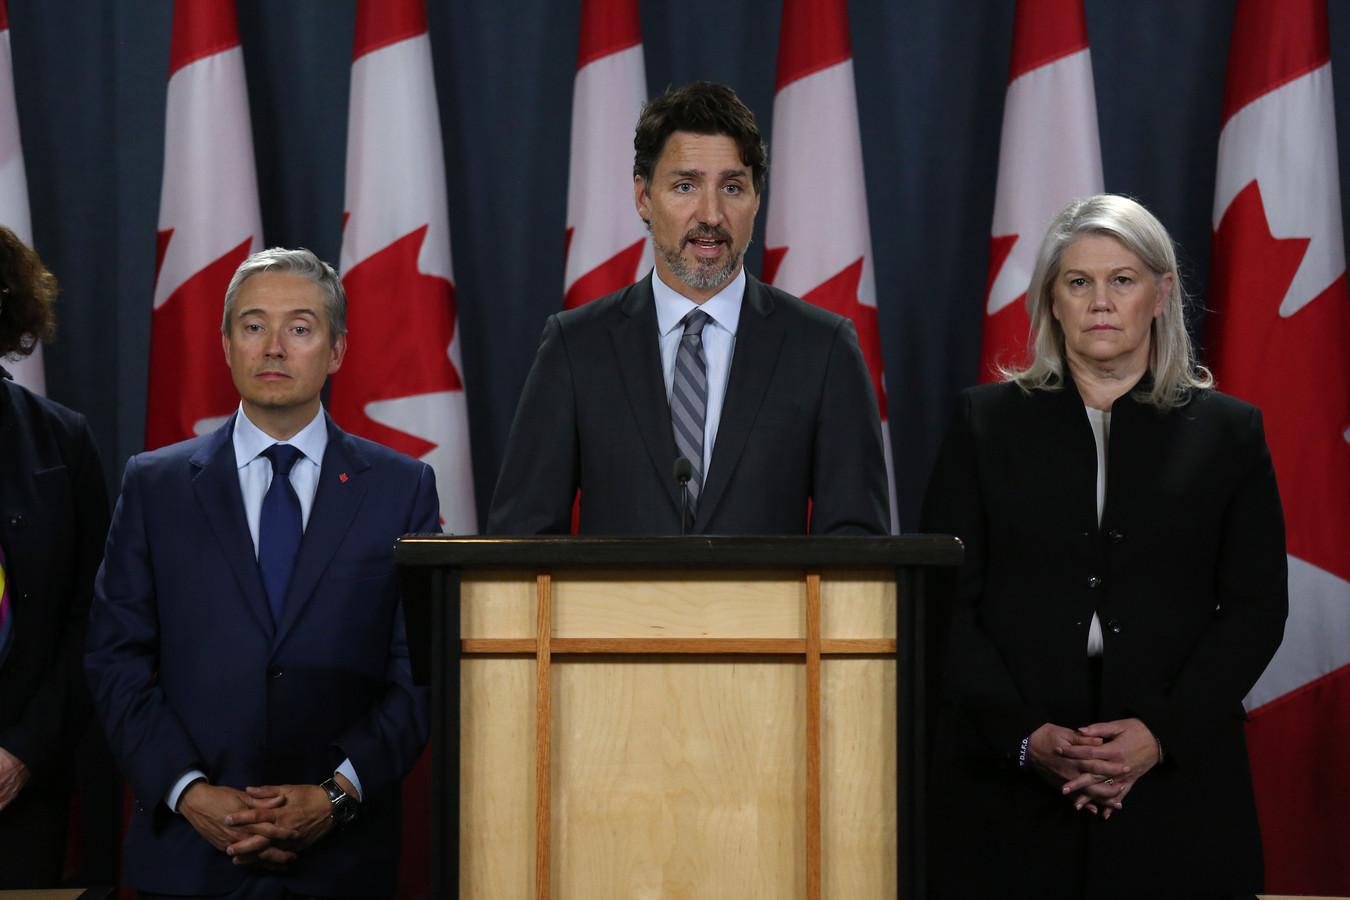 De Canadese minister van Buitenlandse Zaken François-Philippe Champagne (links) en plaatsvervangend minister van Defensie Jody Thomas (rechts) luisteren naar premier Justin Trudeau.